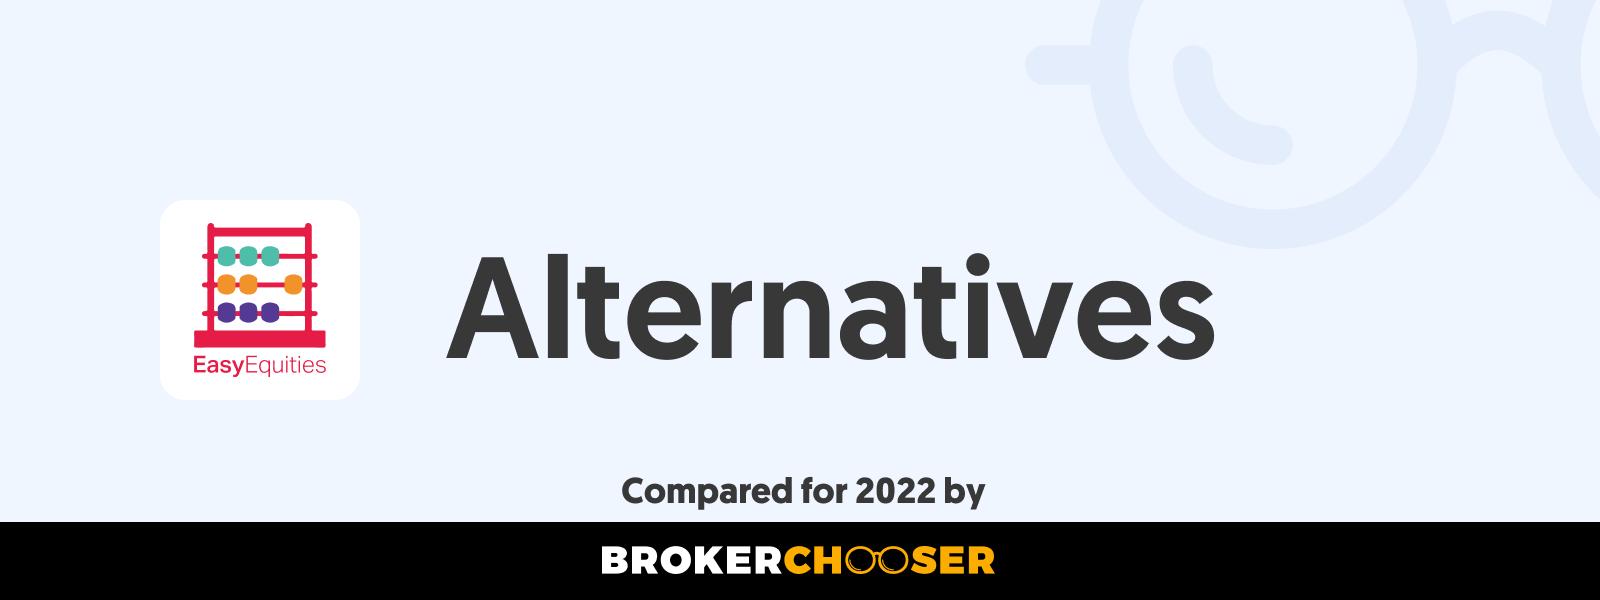 EasyEquities Alternatives